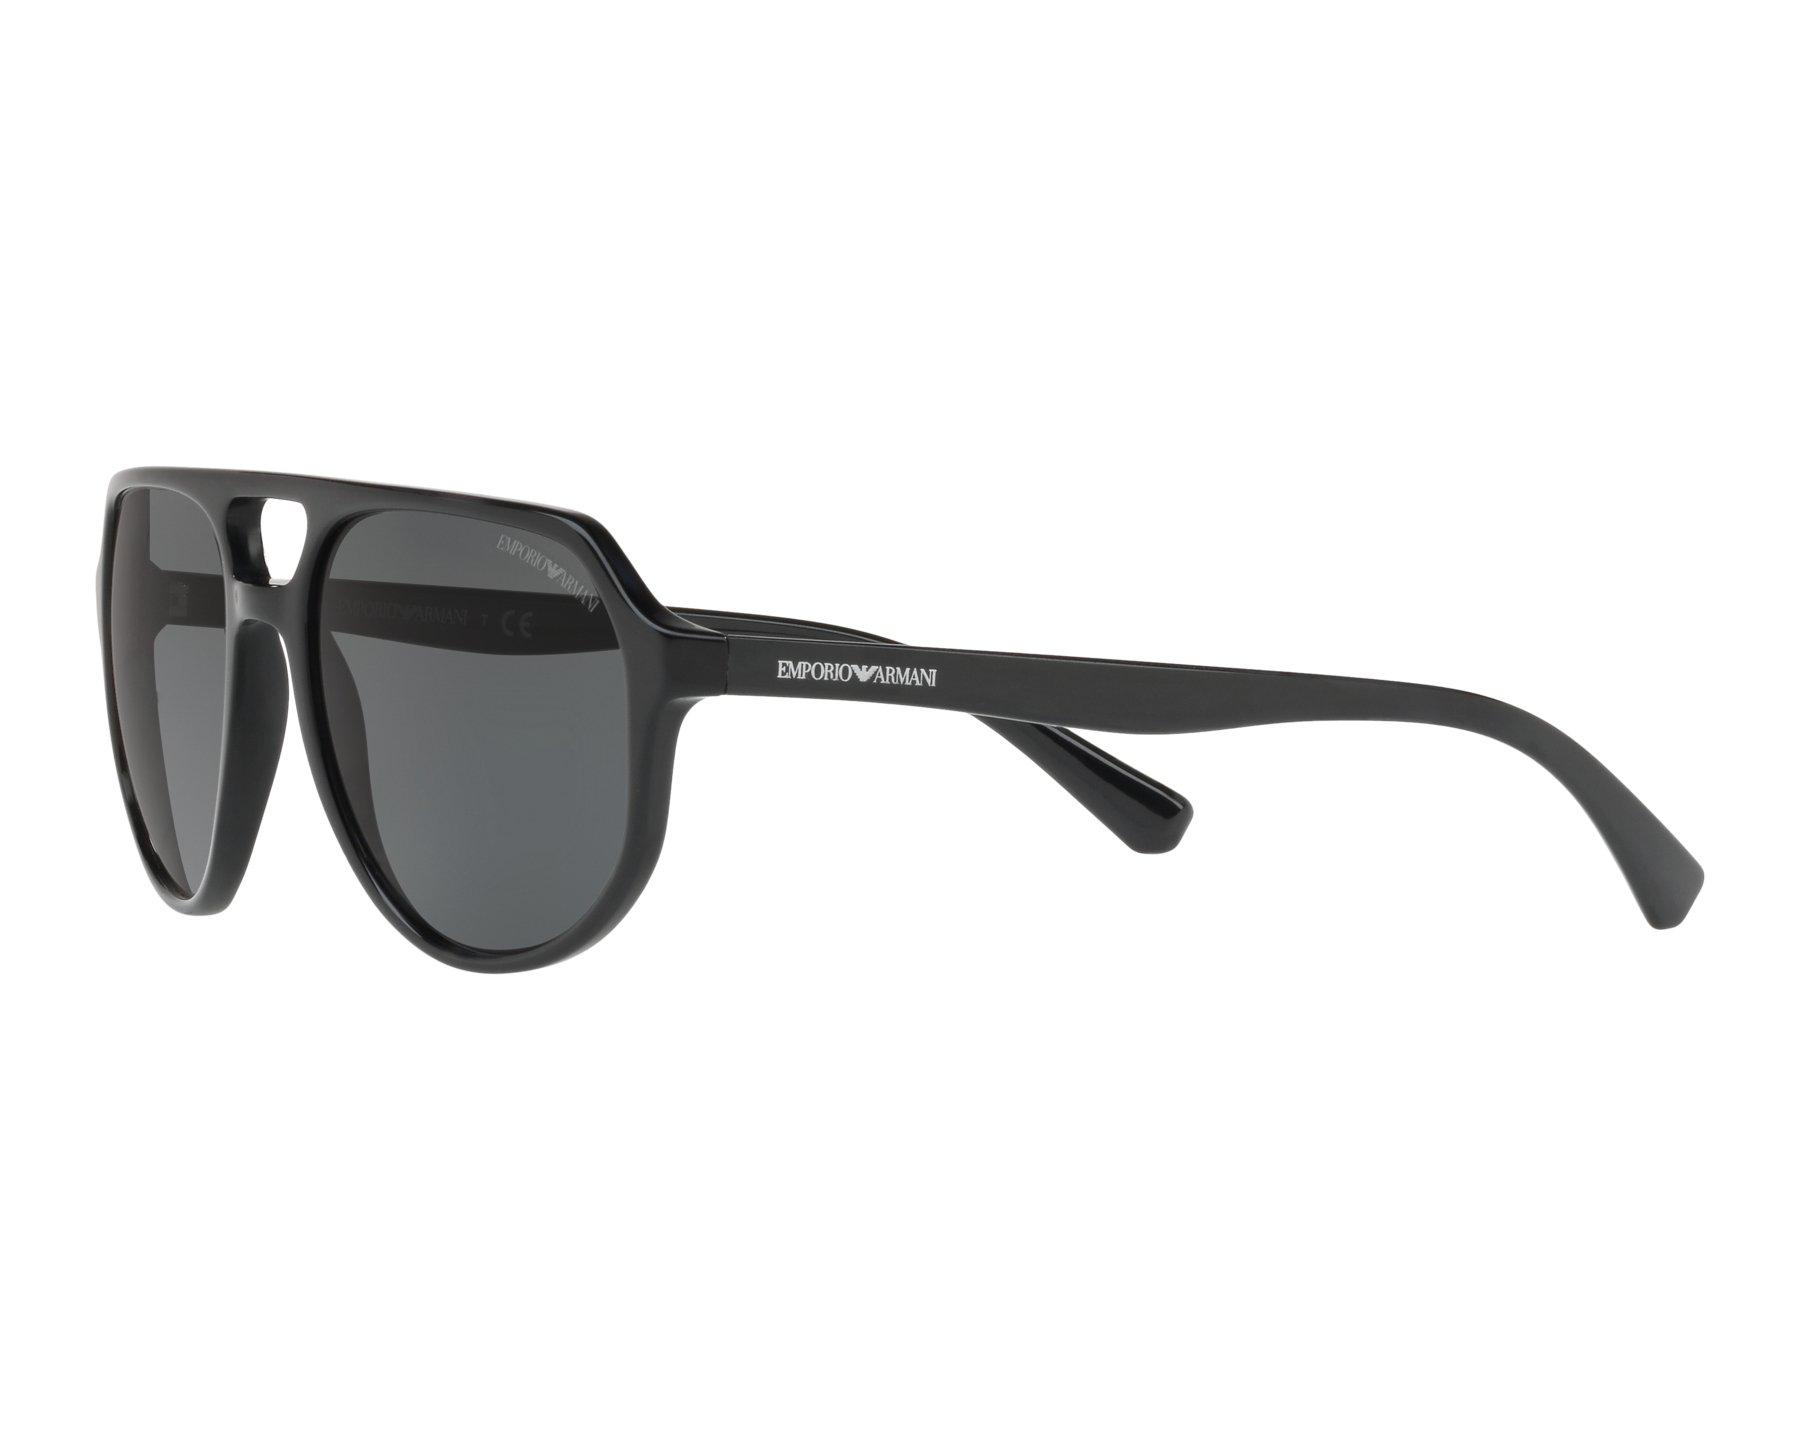 453f0d15589 Sunglasses Emporio Armani EA-4111 500187 57-18 Black 360 degree view 3